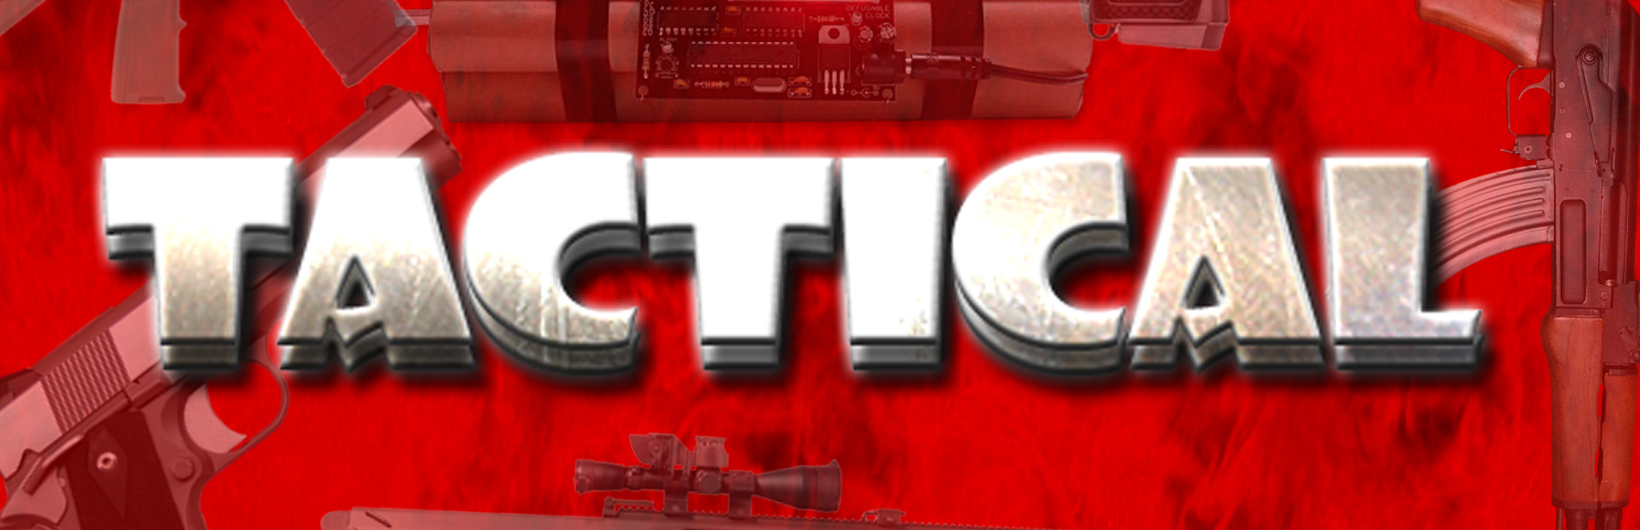 tactical header